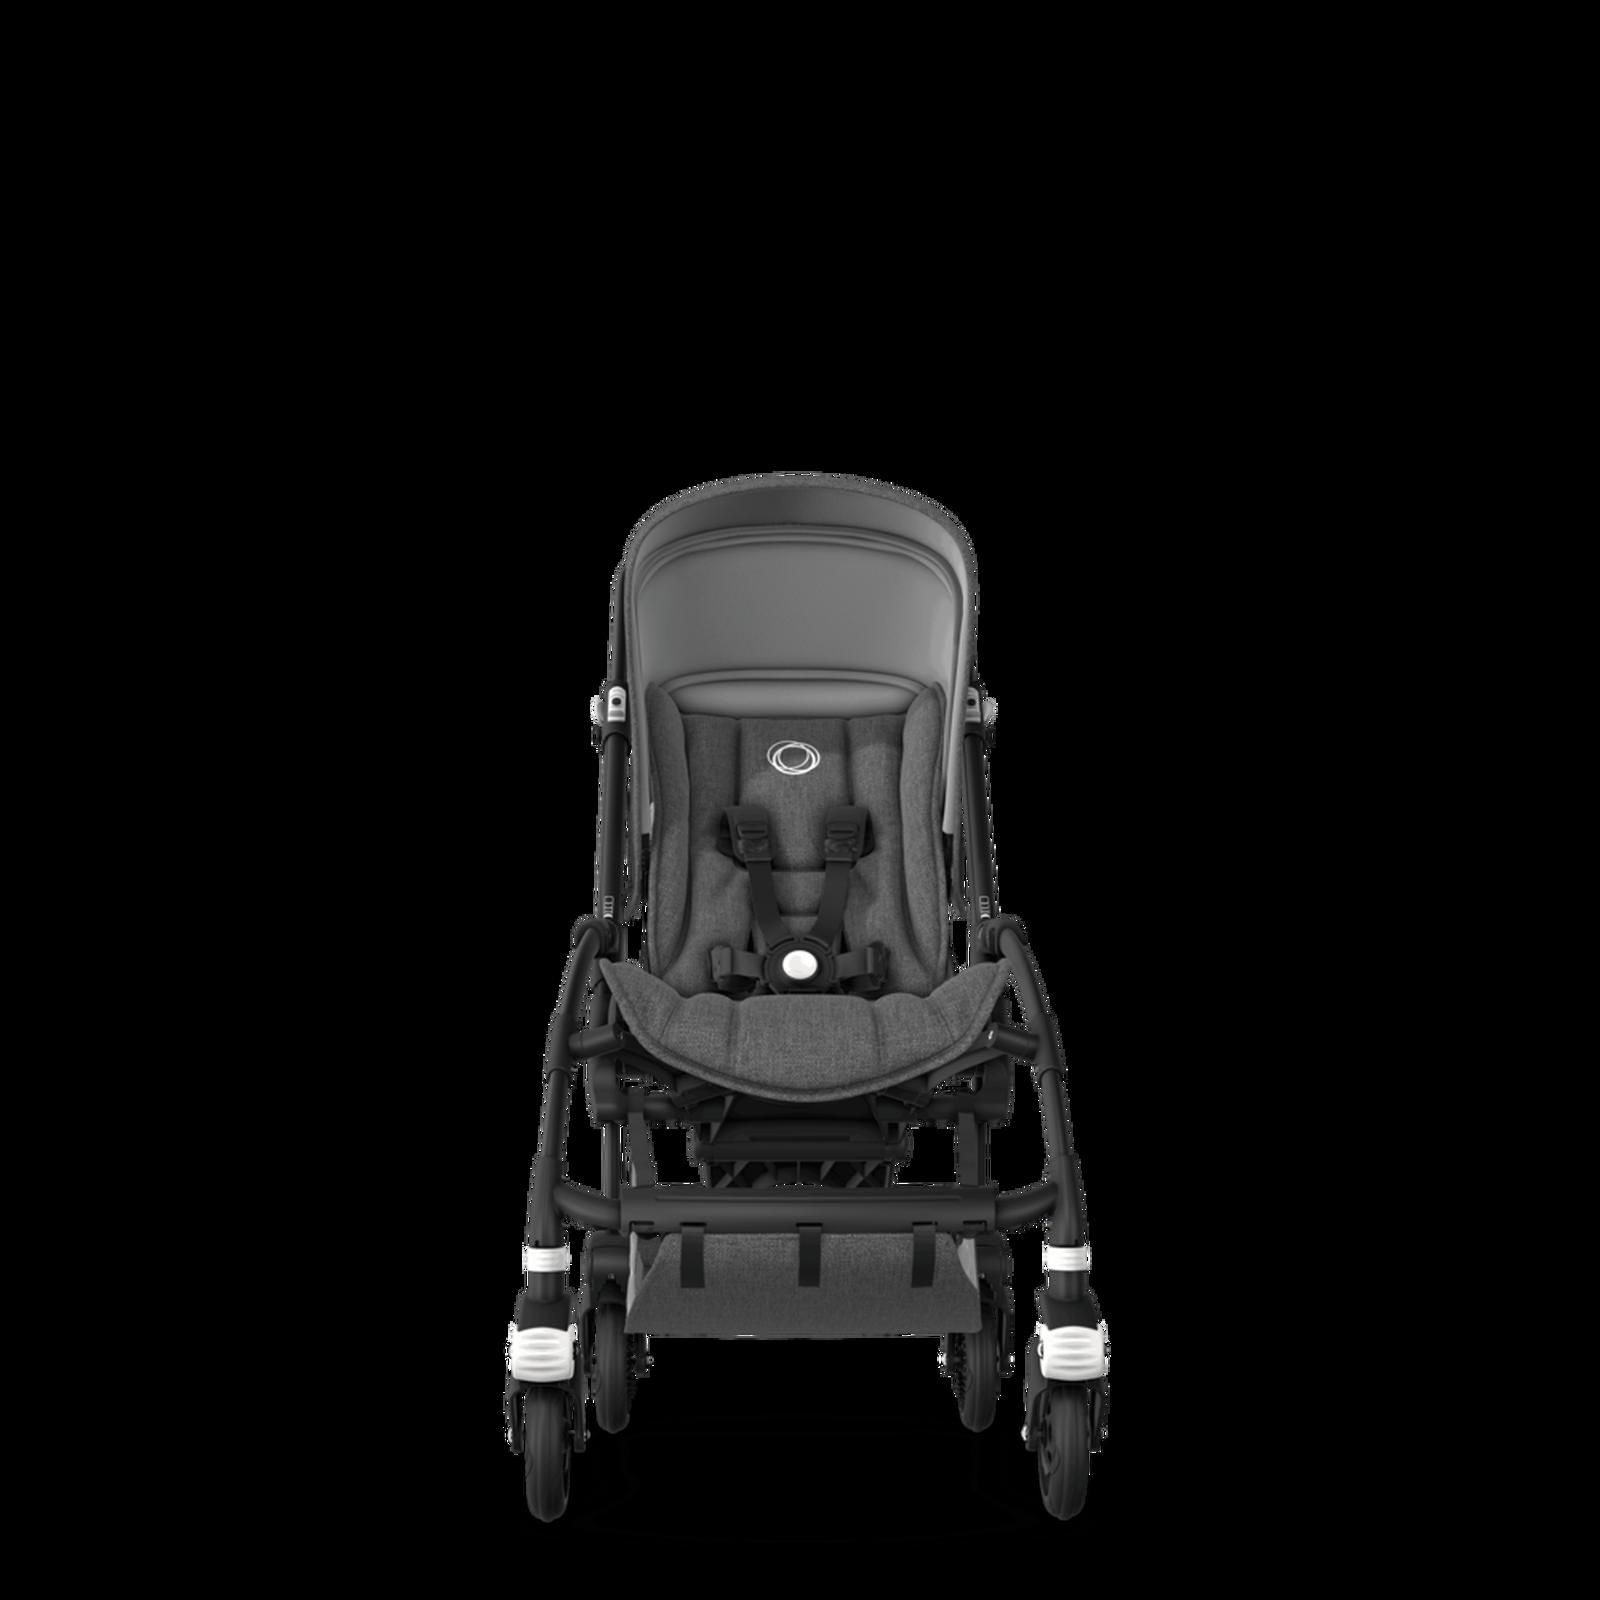 Bugaboo Bee 5 kinderwagen met stoel